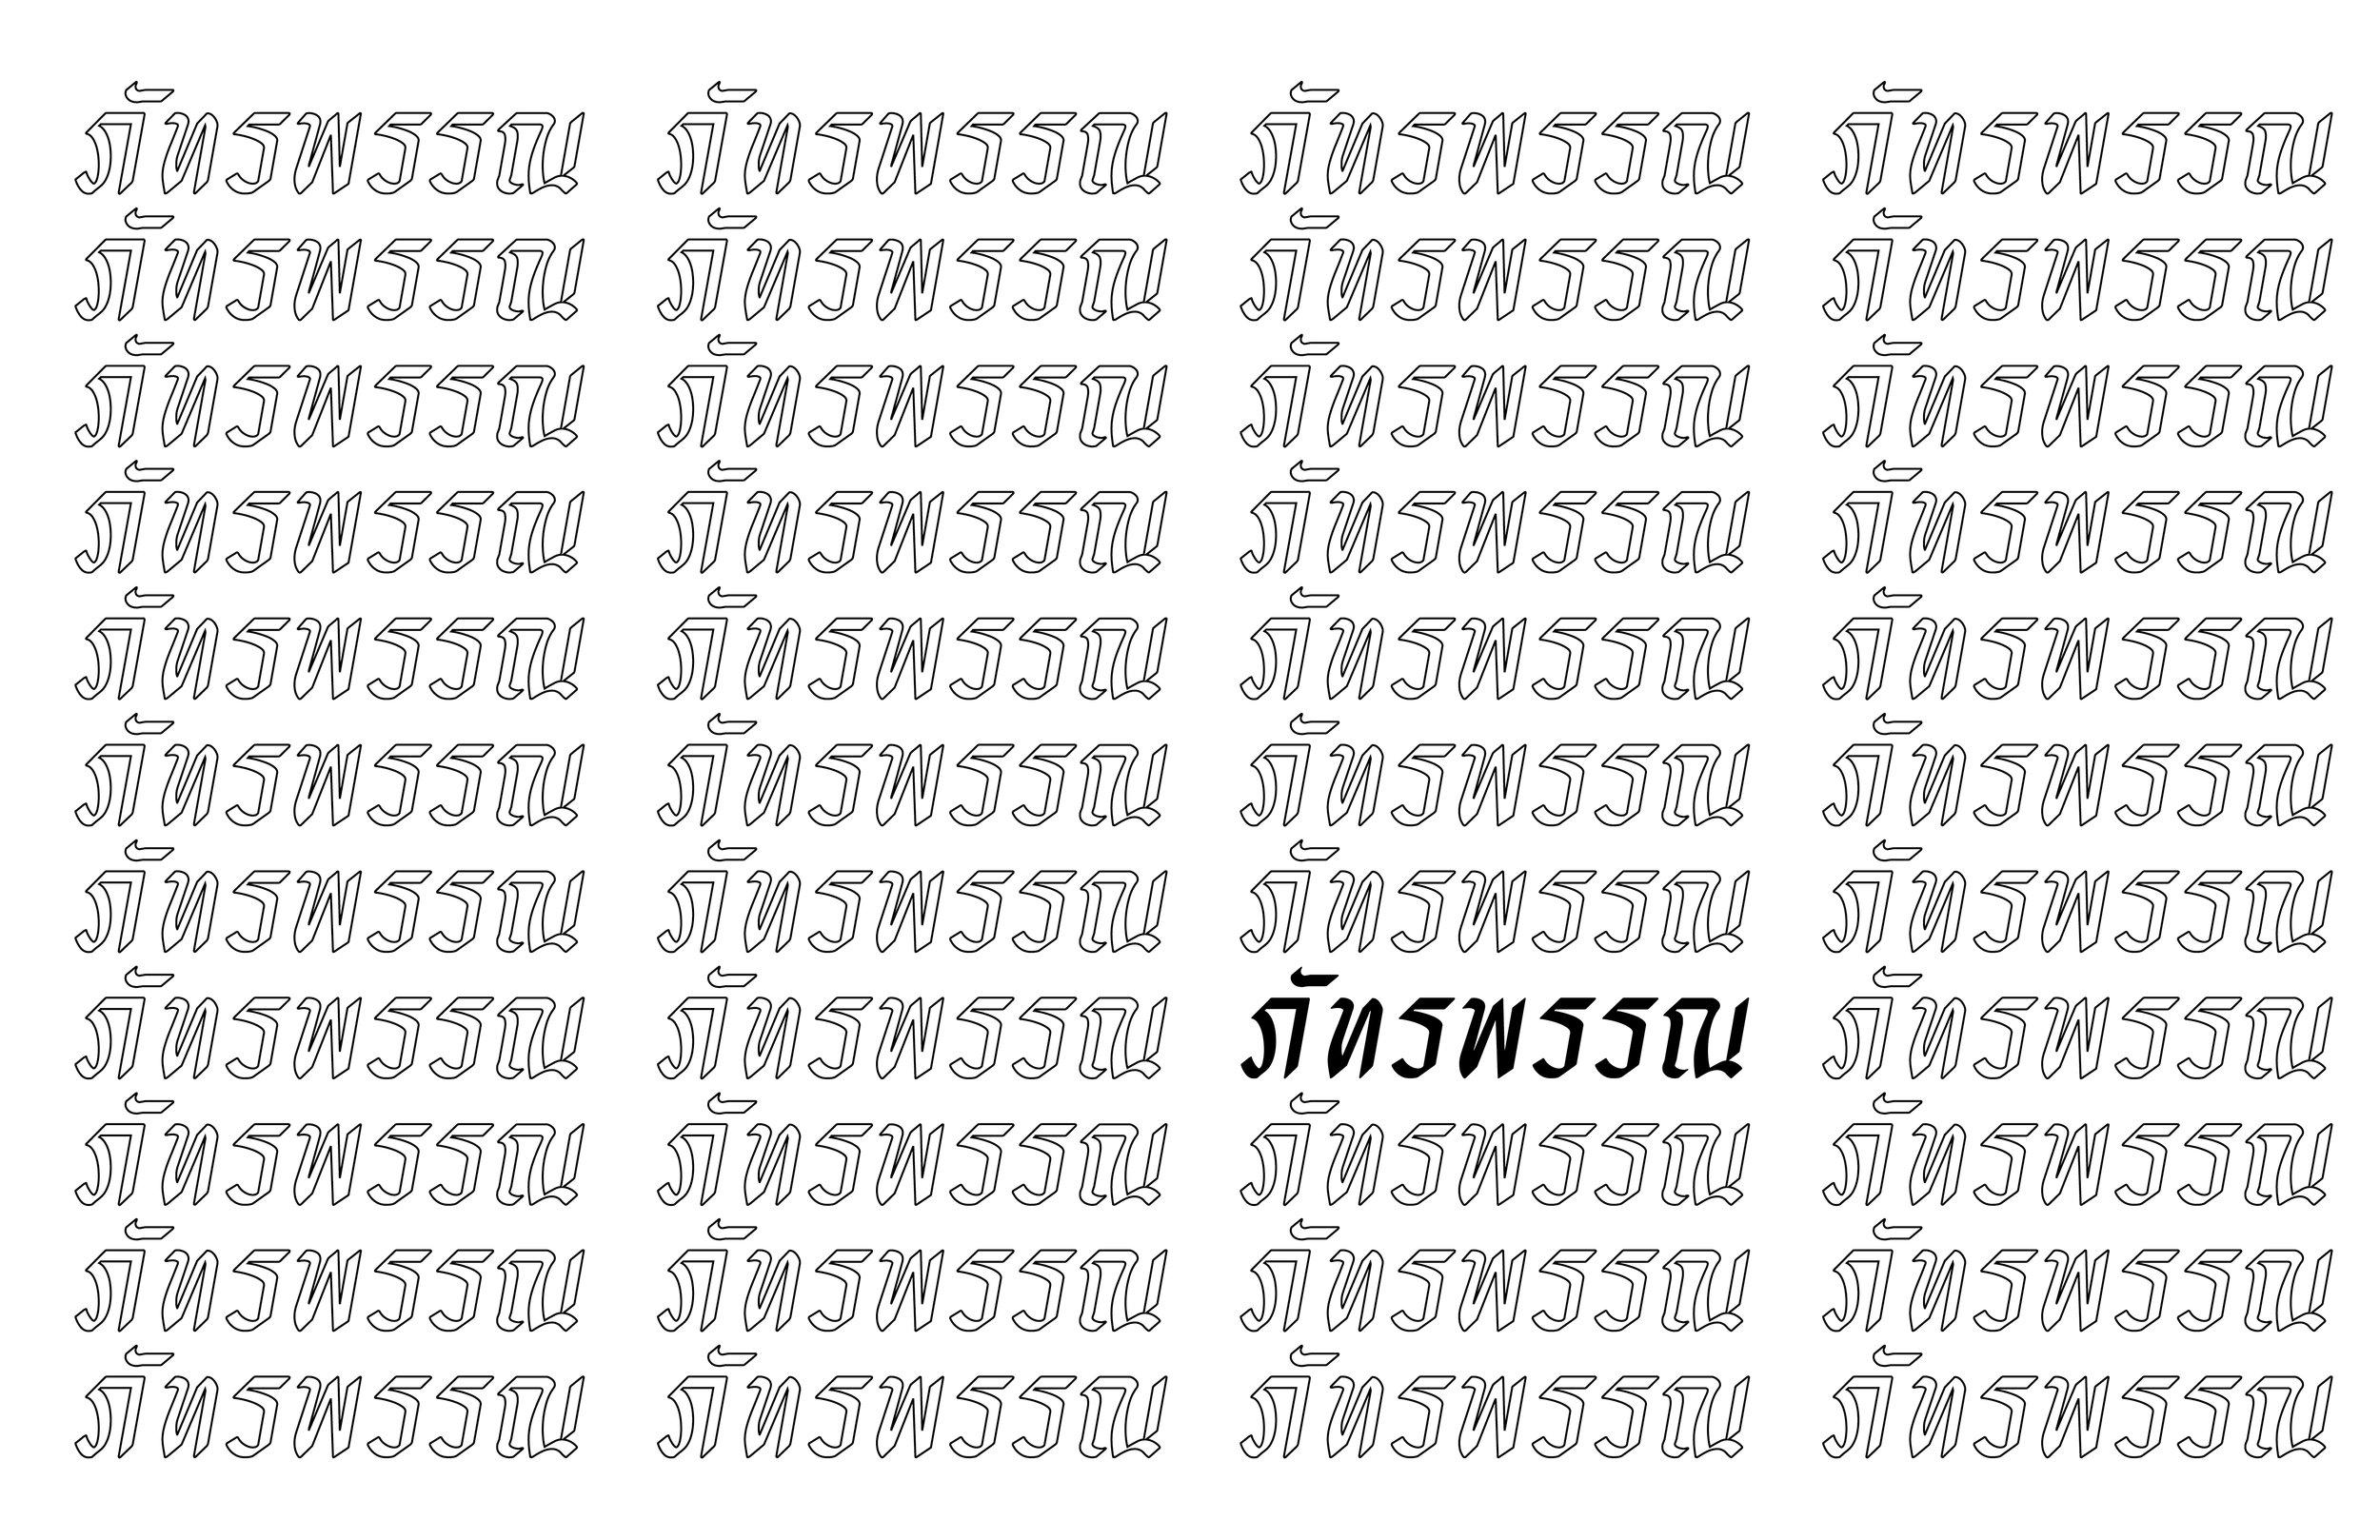 pattaraphan-website2.jpg